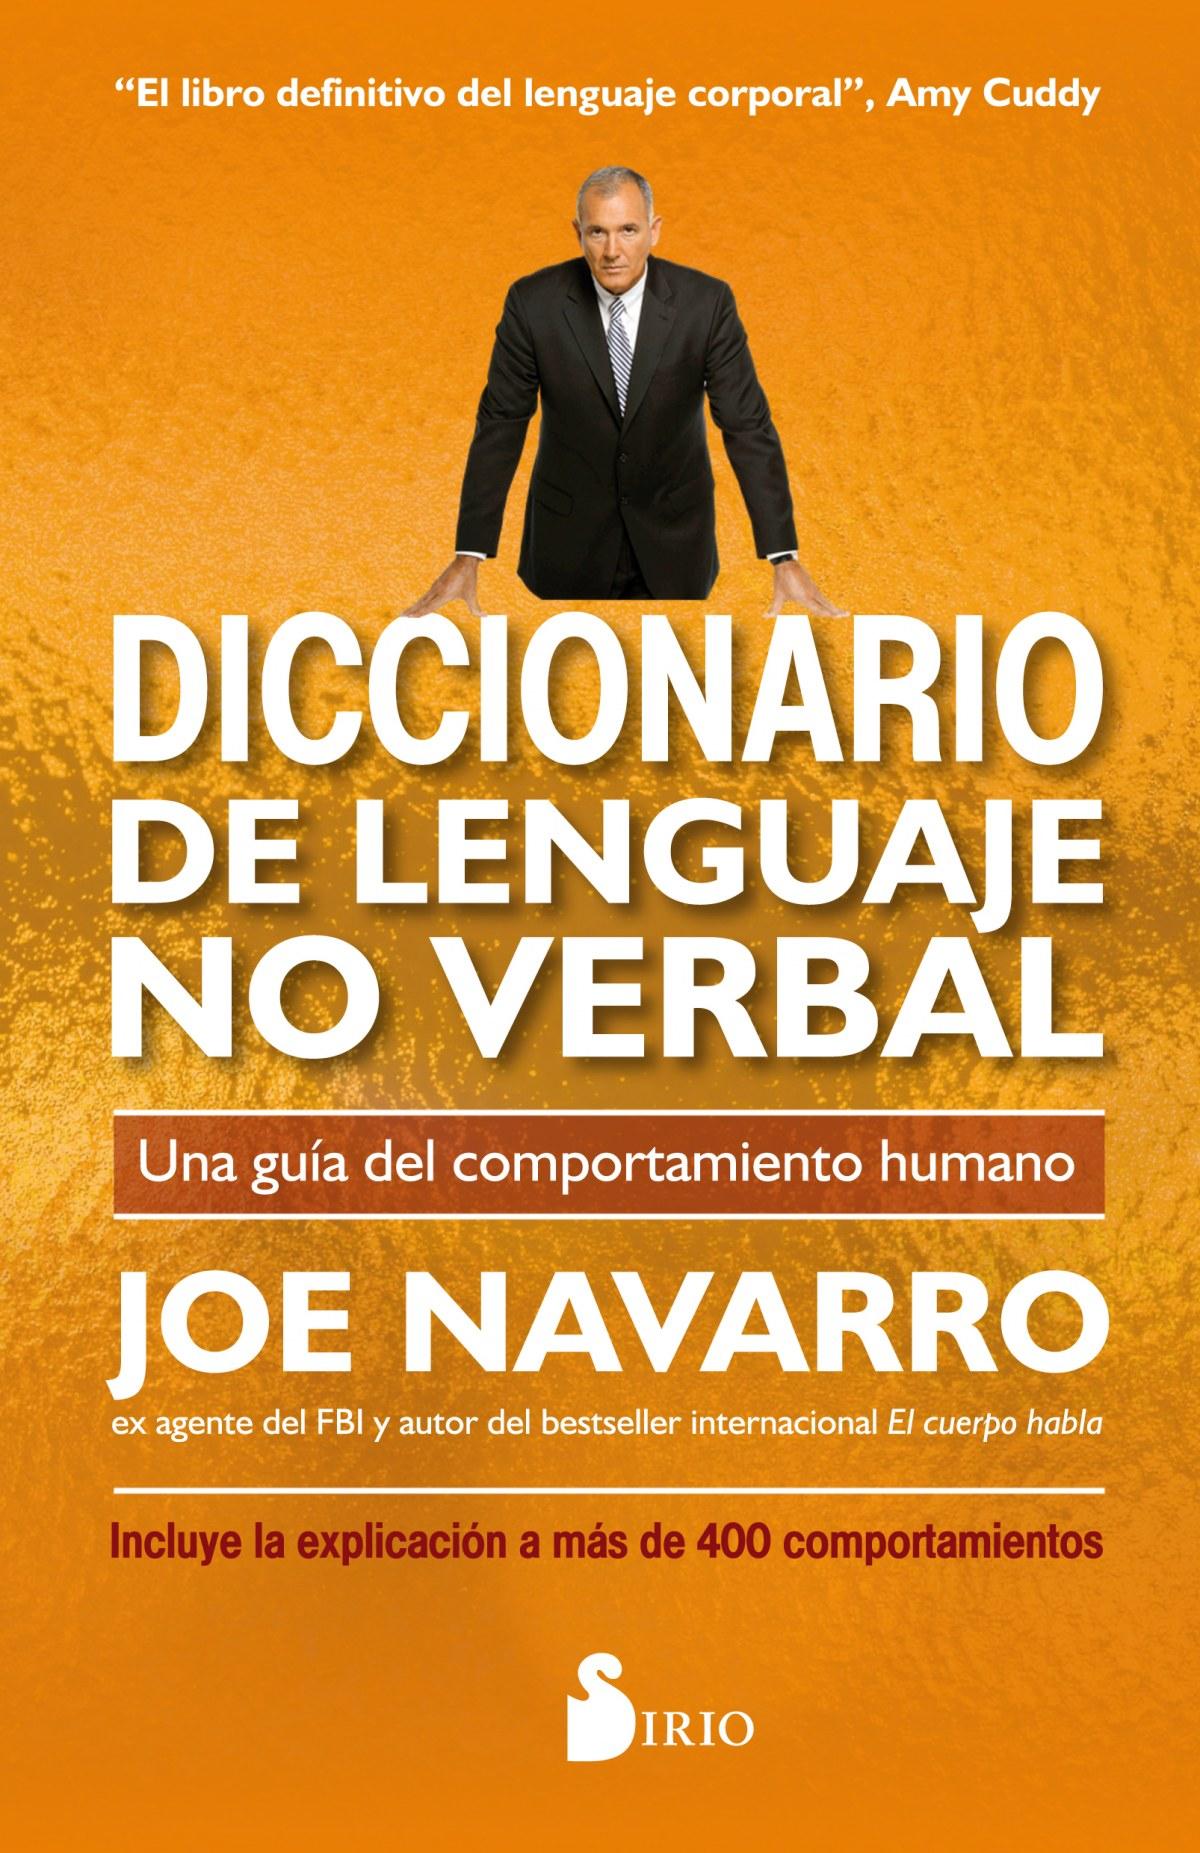 DICCIONARIO DE LENGUAJE NO VERBAL 9788417399535